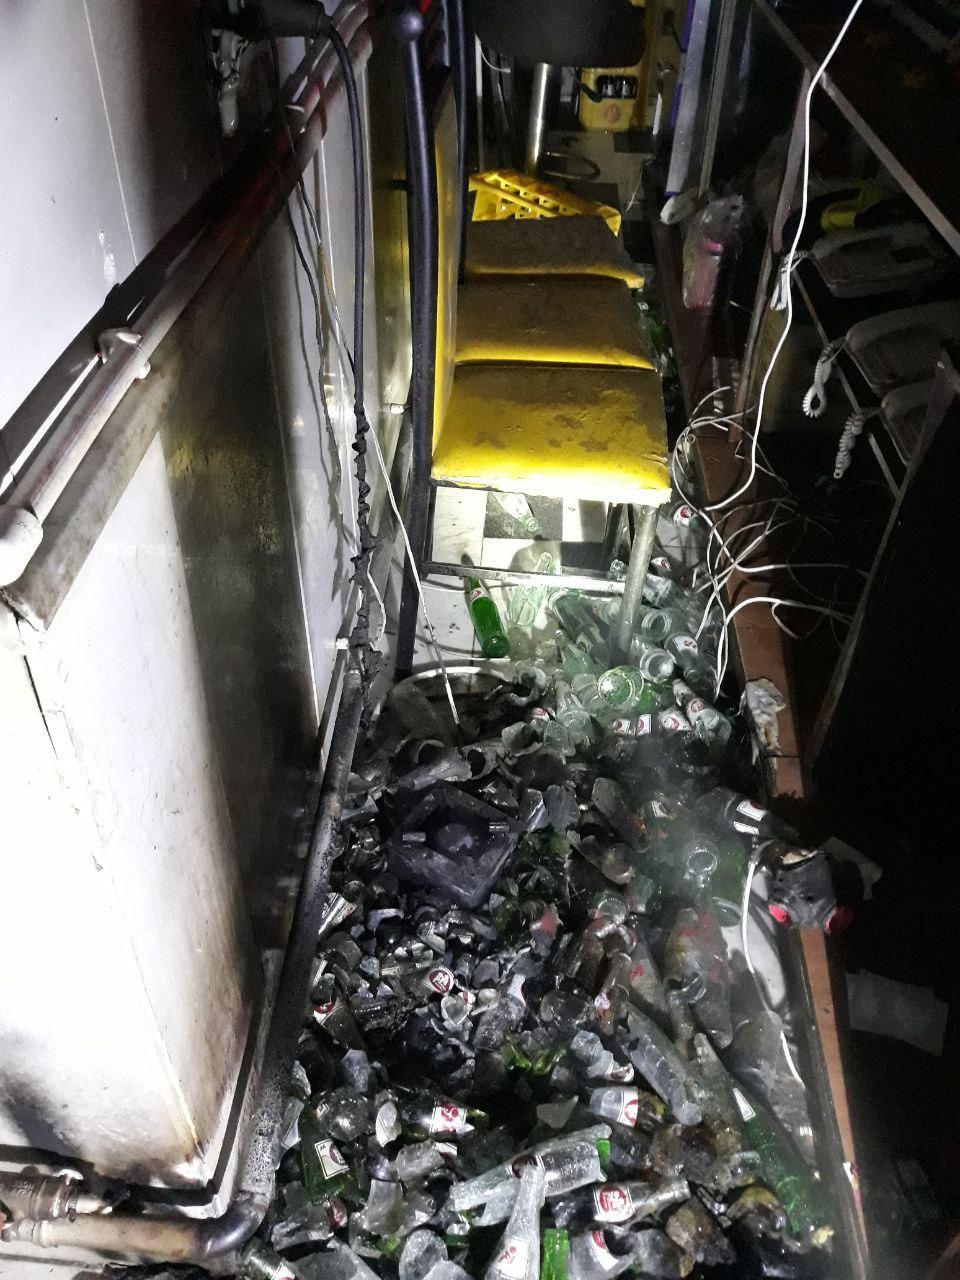 آتش سوزی رستوران در راسته کوچه / قبل از خروج از محل کار، از قطع انشعابات گاز اطمینان حاصل کنید